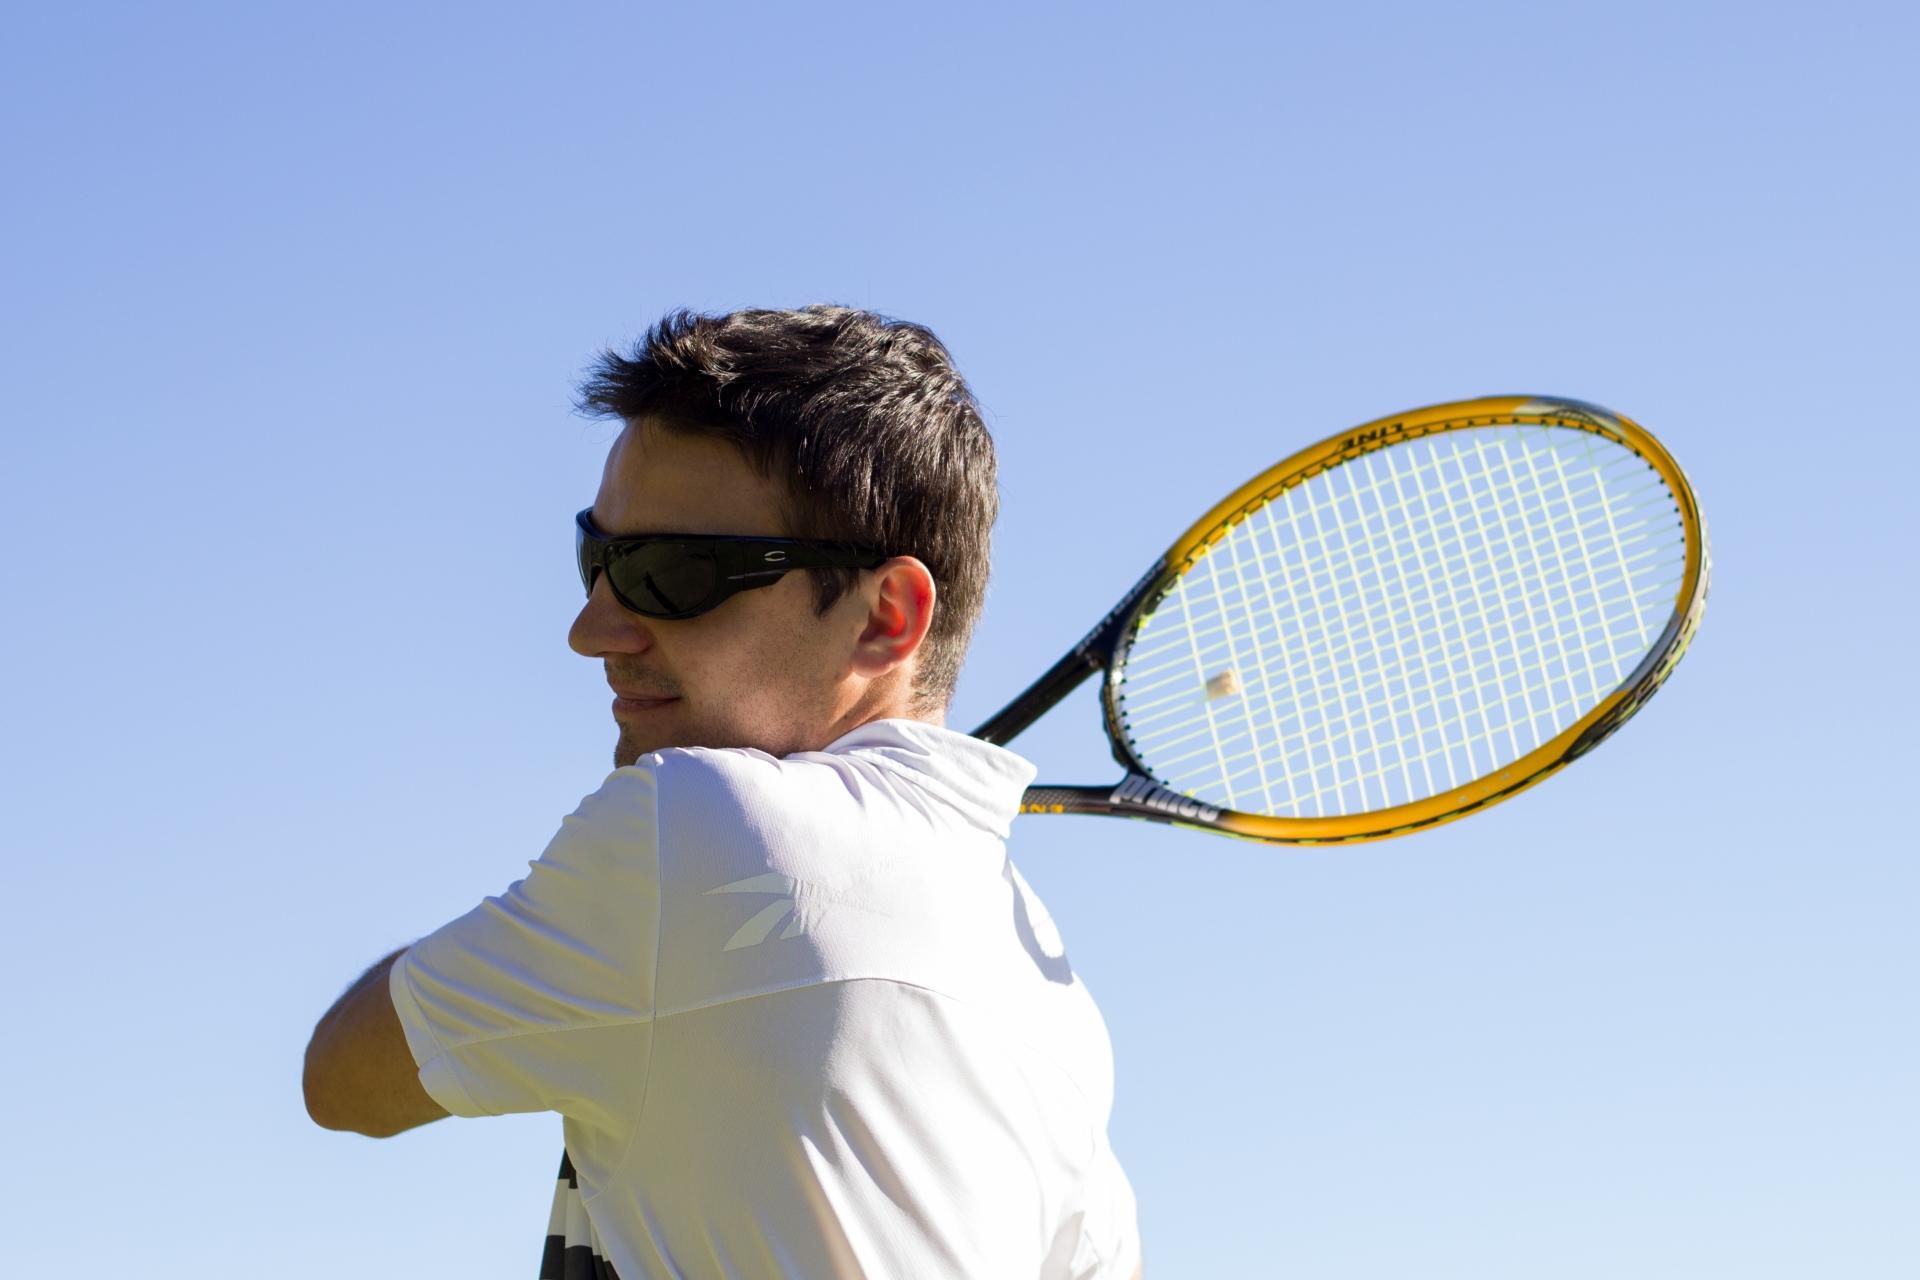 テニスの練習メニュー!子供におすすめの練習とポイント